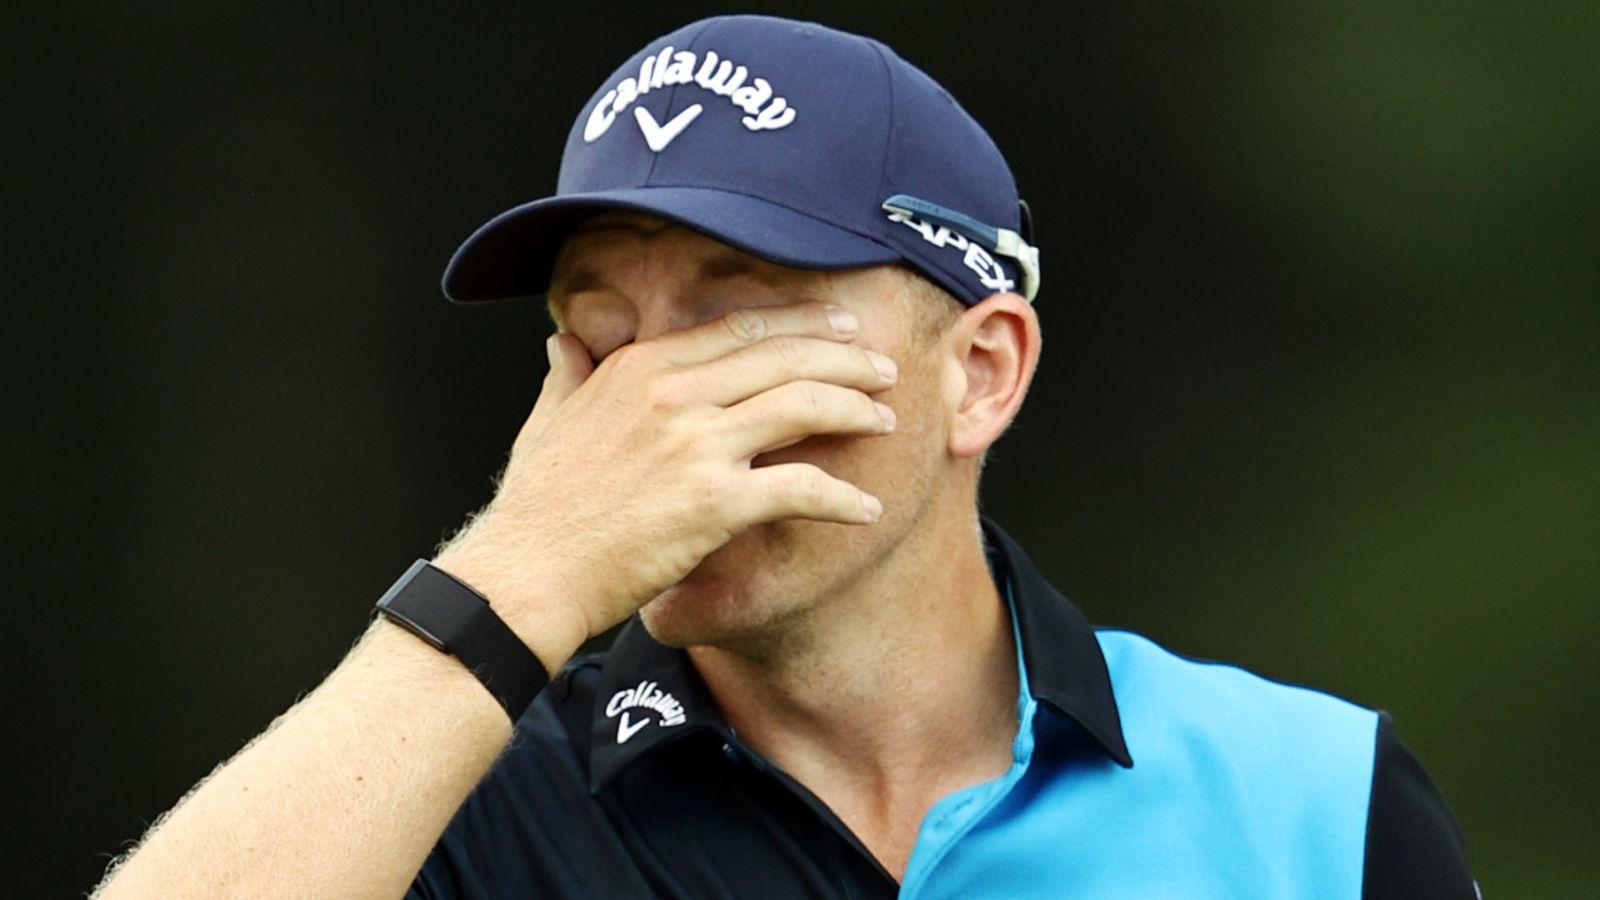 Third PGA golfer test positive for coronavirus